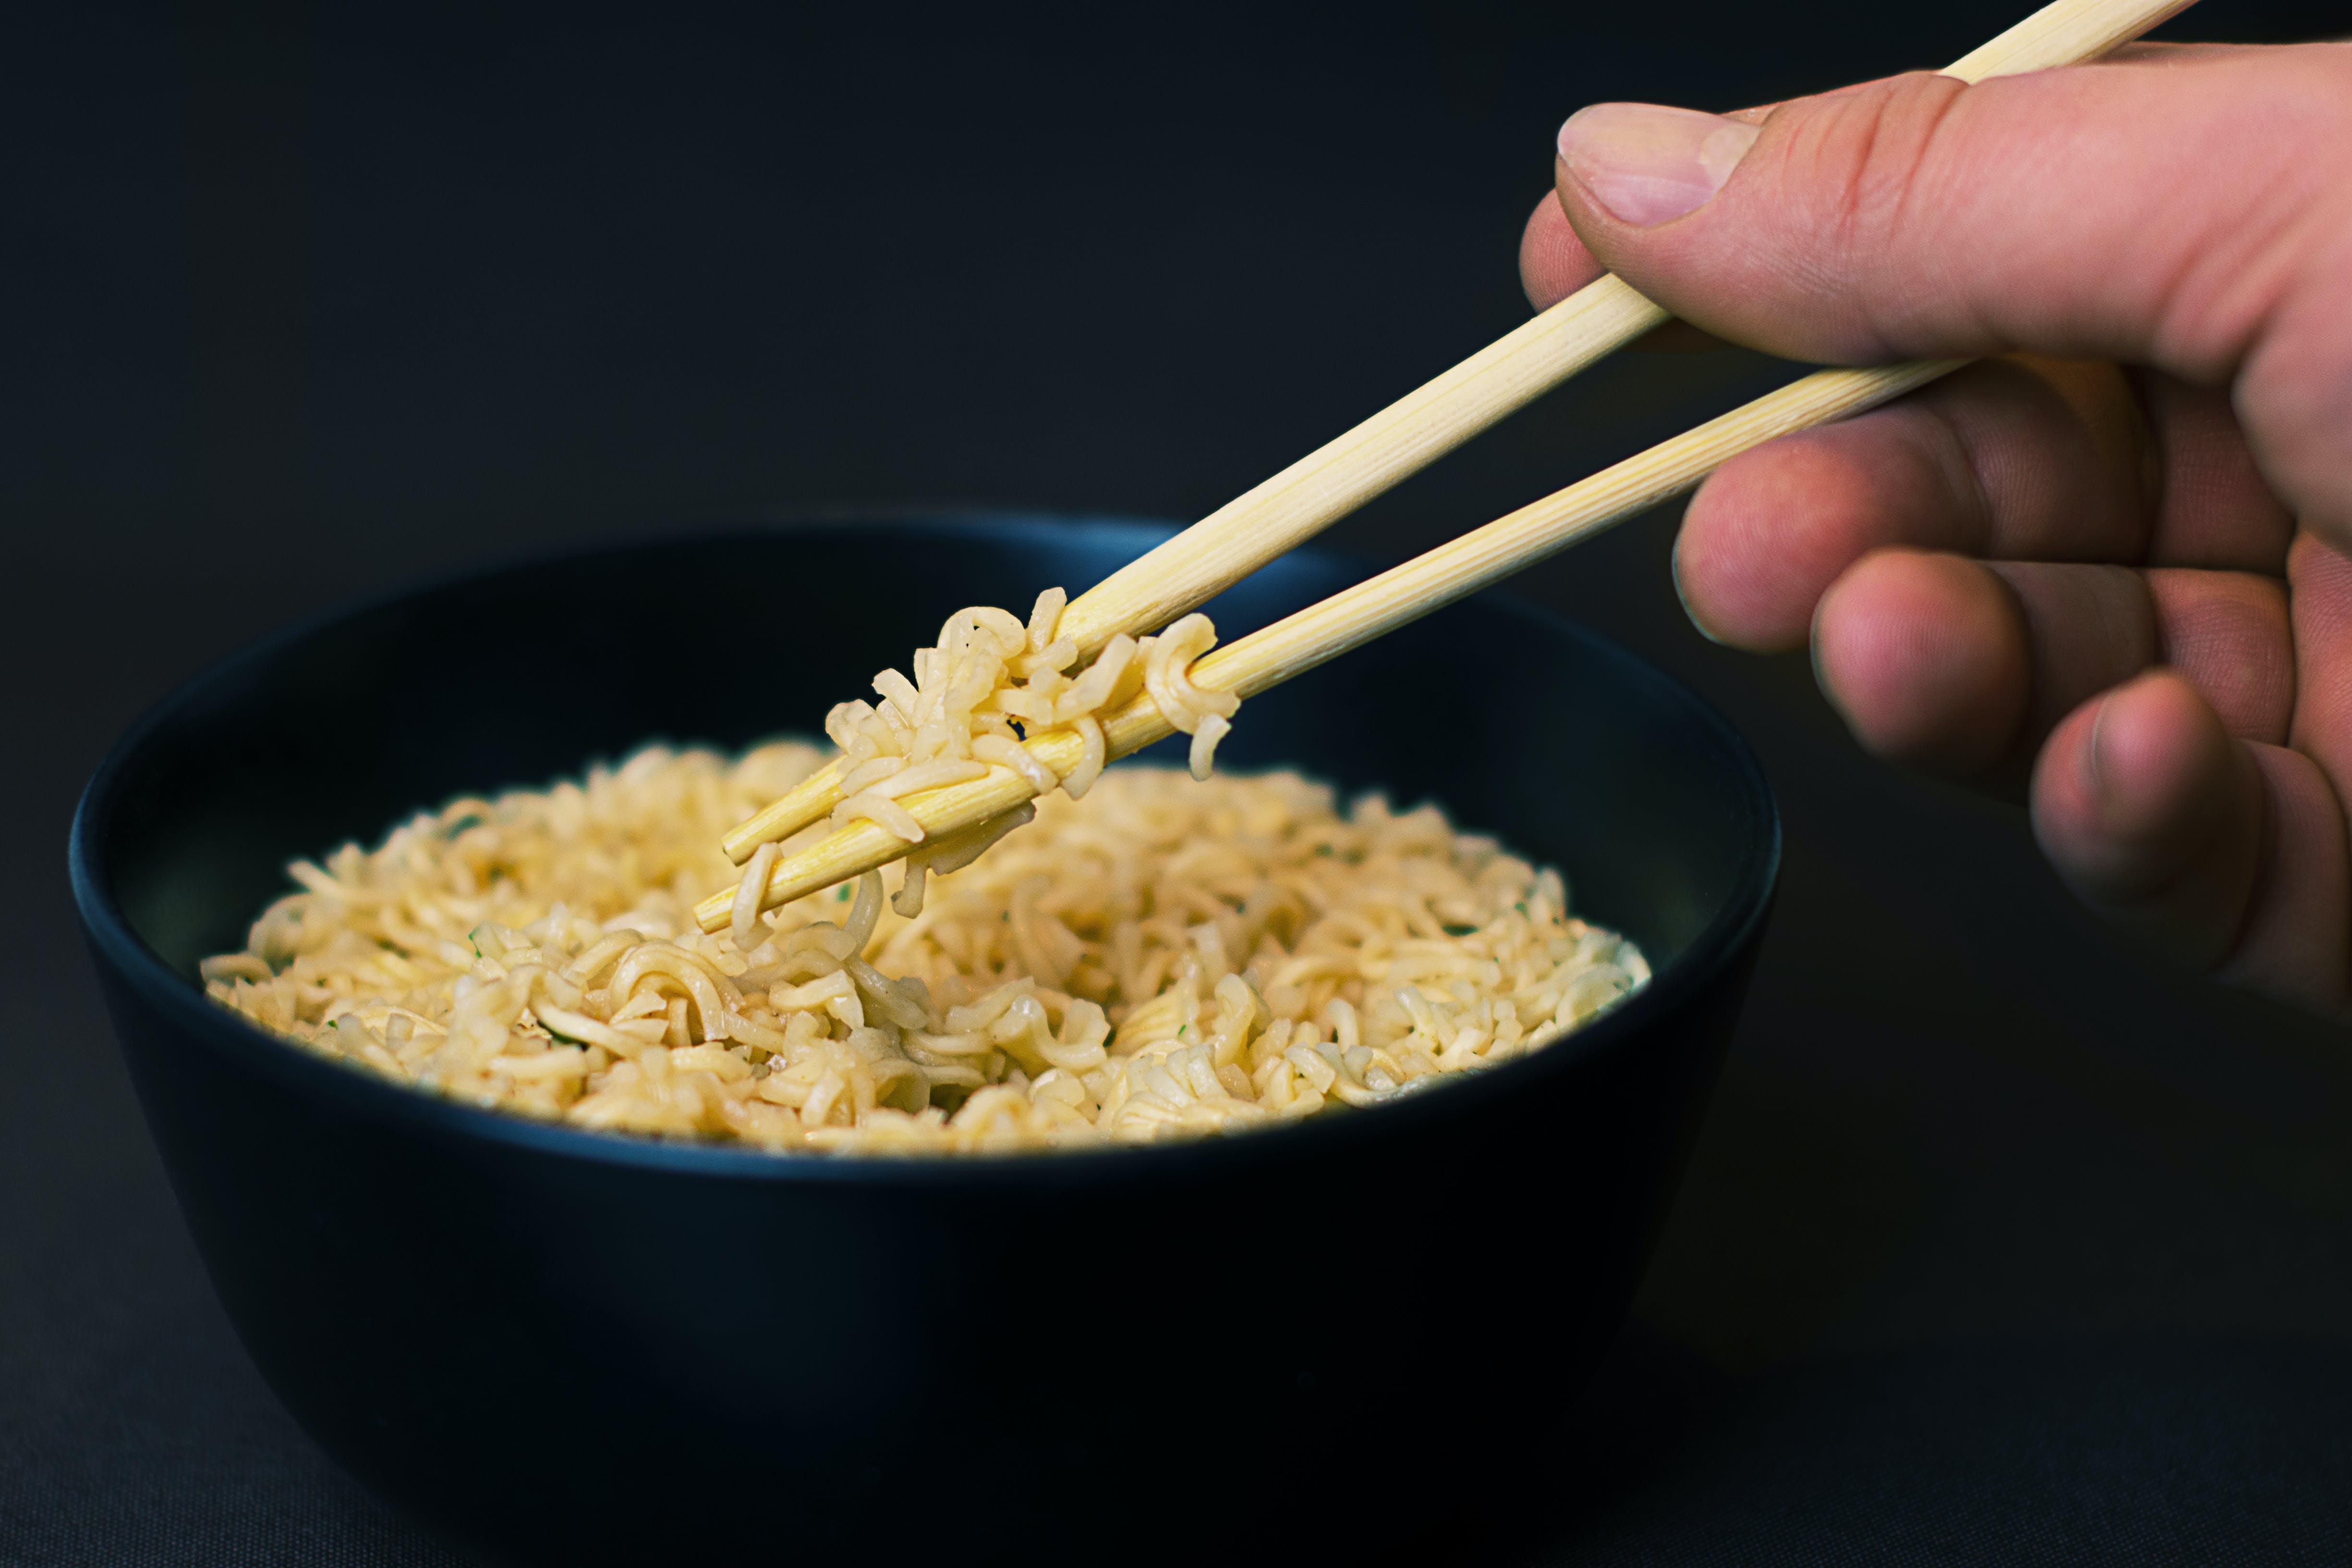 Kostenloses Stock Foto zu essen, essstäbchen, gericht, hand